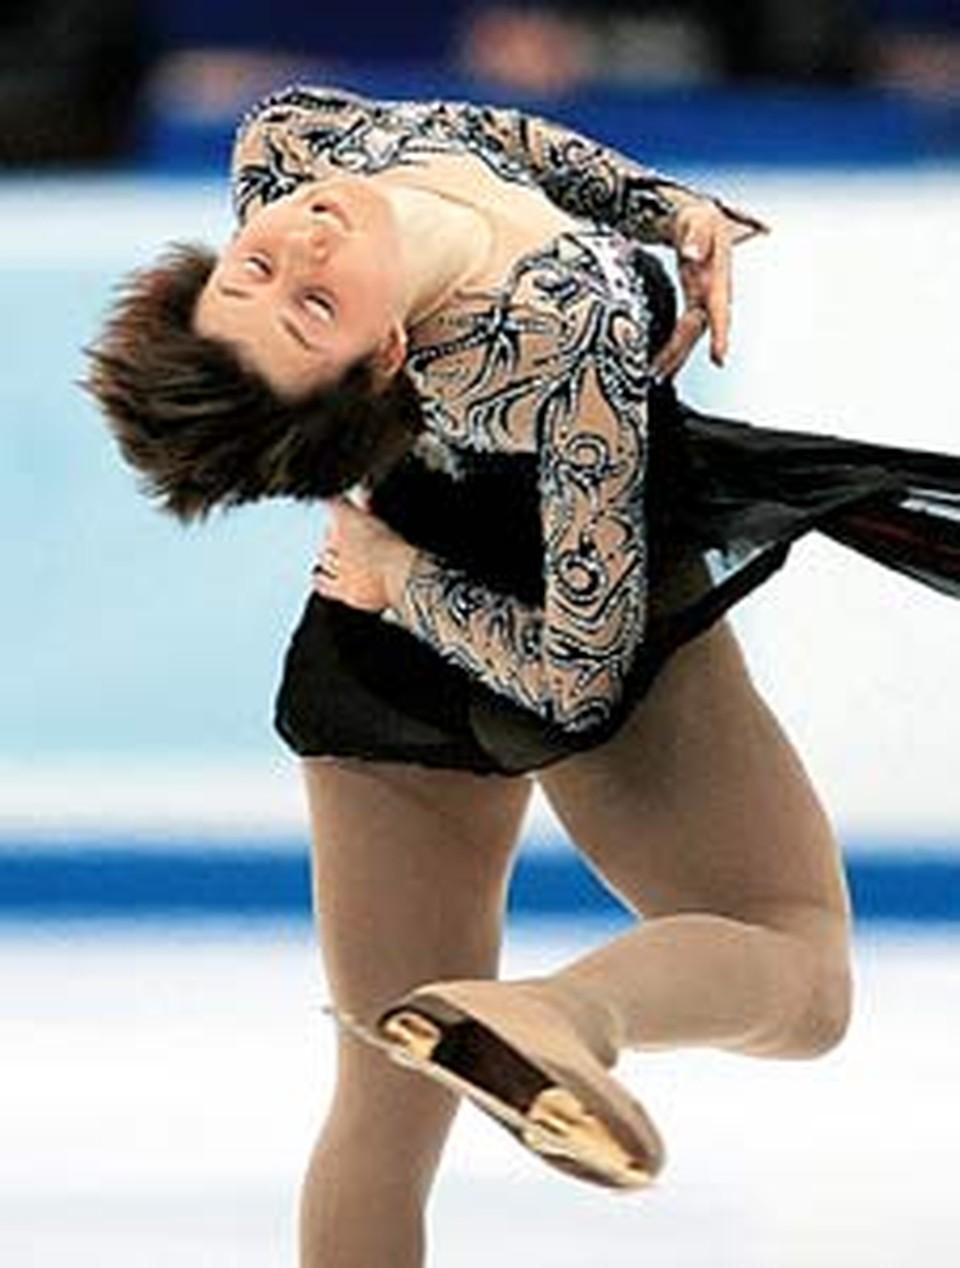 Выиграв этап Гран-при в Пекине, Слуцкая надеется  повторить успех в Москве и вернуться в мировую элиту одиночного катания.